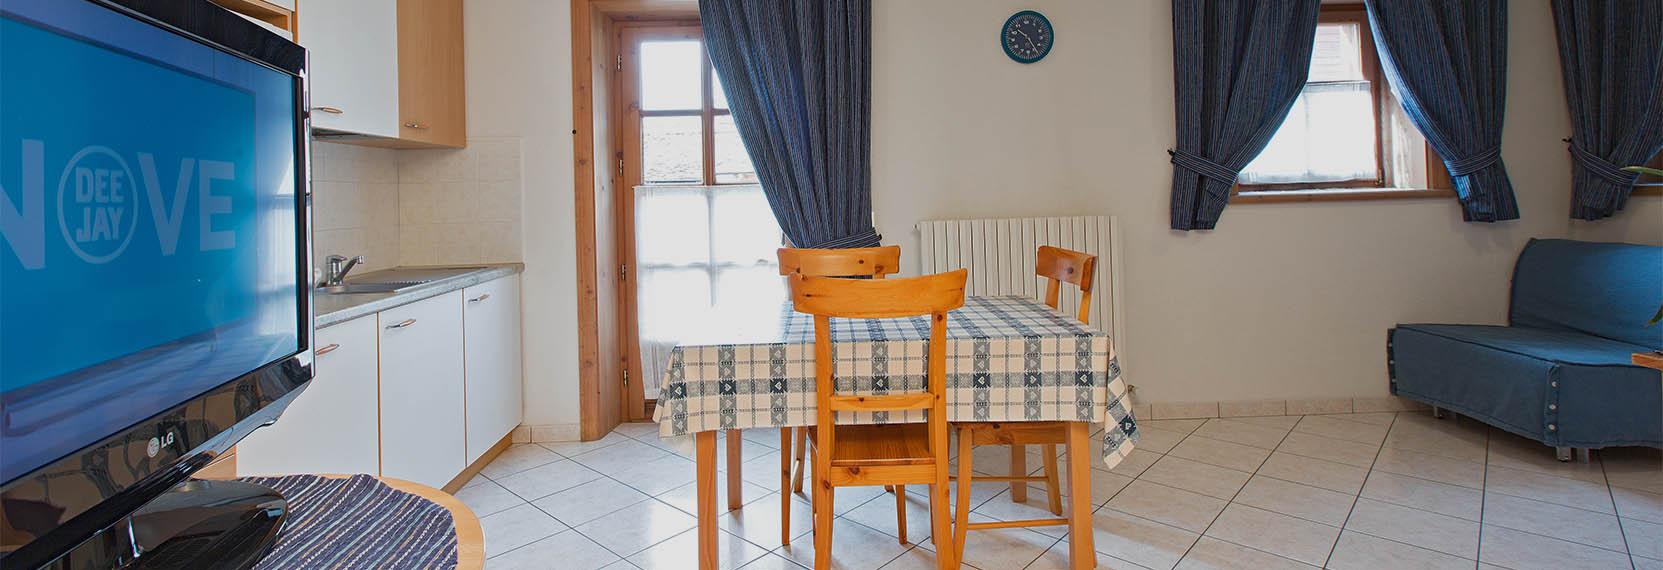 Monolocale Azzurro per vacanze a Livigno